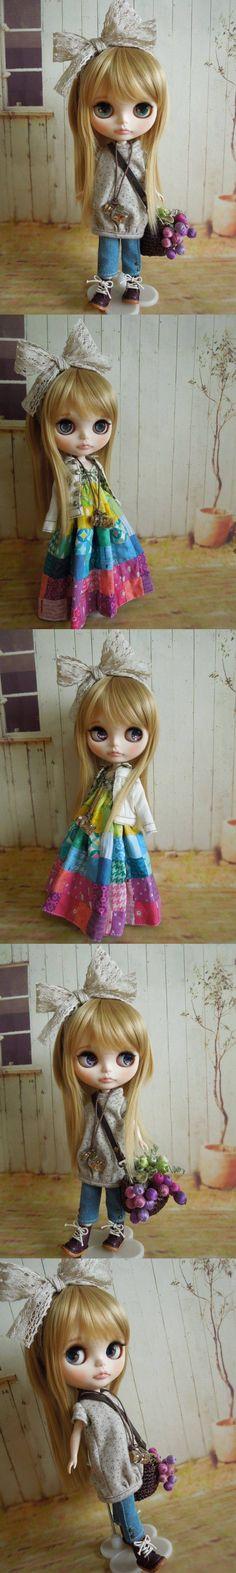 Aguri * Custom Blythe * casual style - Auction -! Rinkya Japan Auction & Shopping